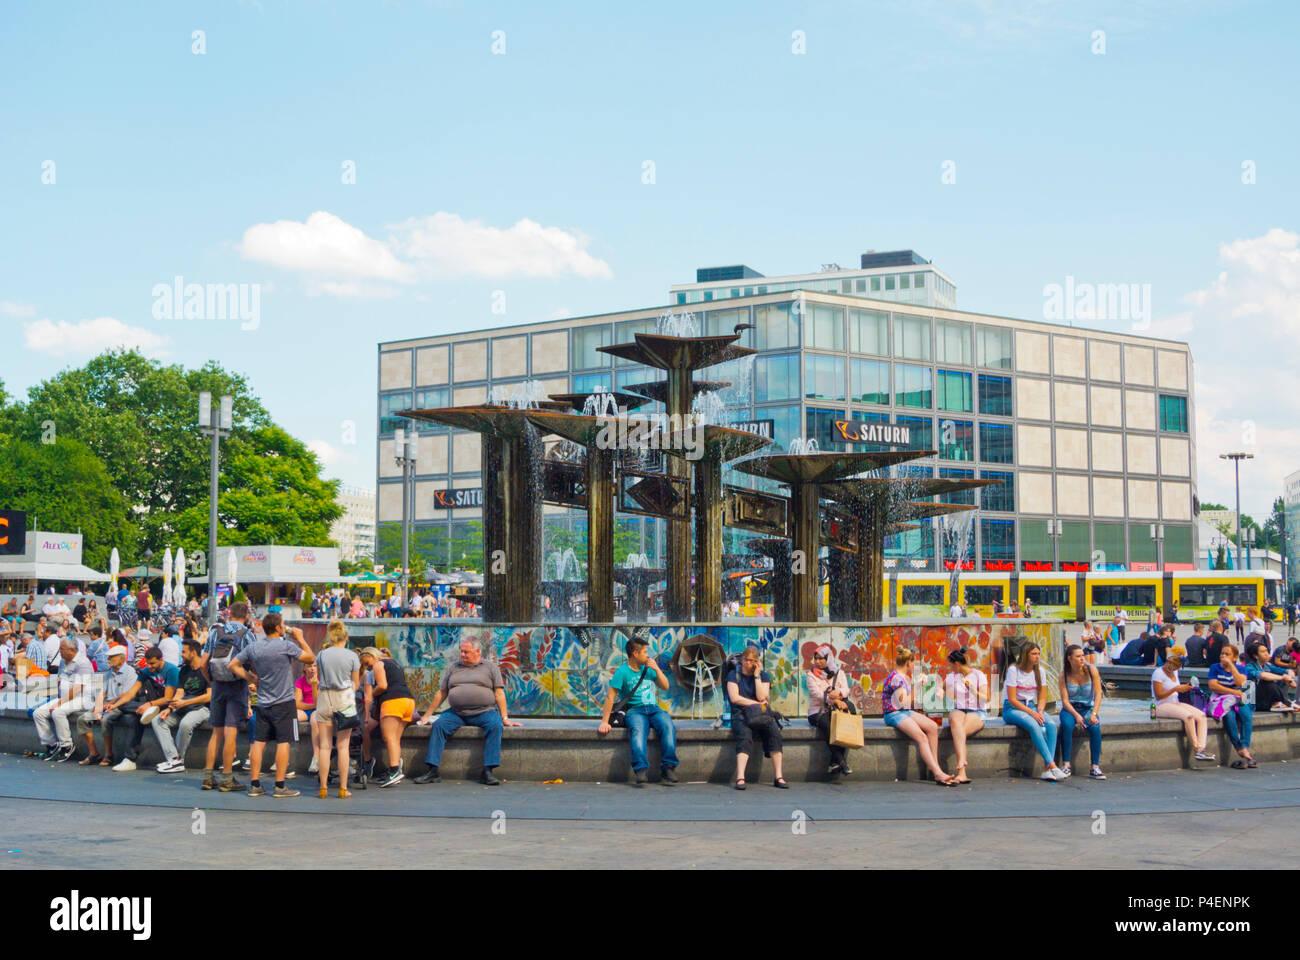 Brunnen der Völkerfreundschaft, Alexanderplatz, Berlin, Deutschland Stockbild